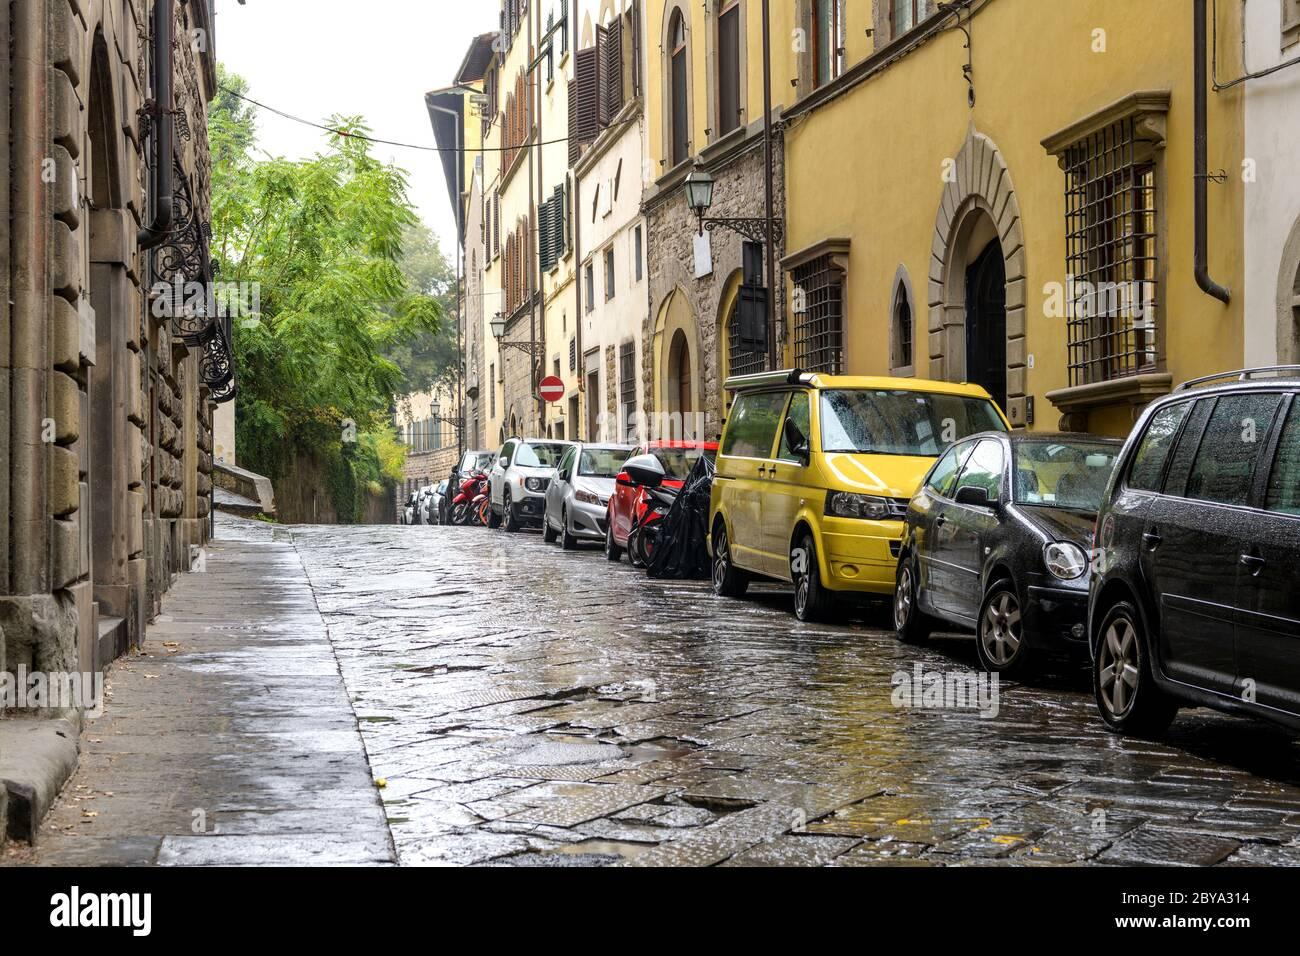 Vialetto piovoso - una giornata di pioggia autunnale in una tranquilla strada laterale di un quartiere residenziale nella storica Città Vecchia di Firenze. Toscana, Italia. Foto Stock